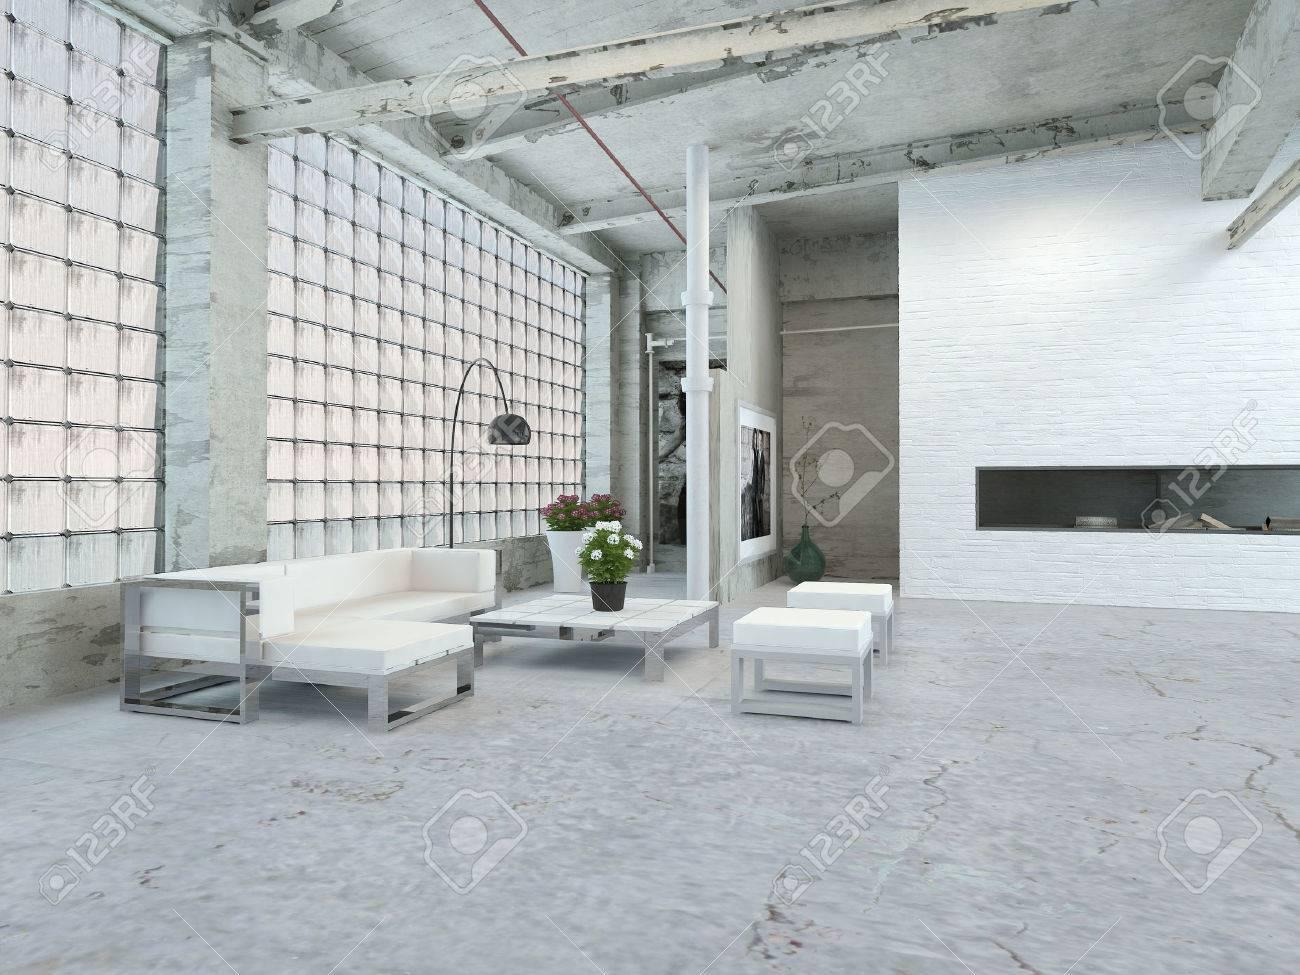 Schöne Architektur Wohnzimmer Interior Design Mit Weißen Tisch Und Stühle.  Standard Bild   32894040